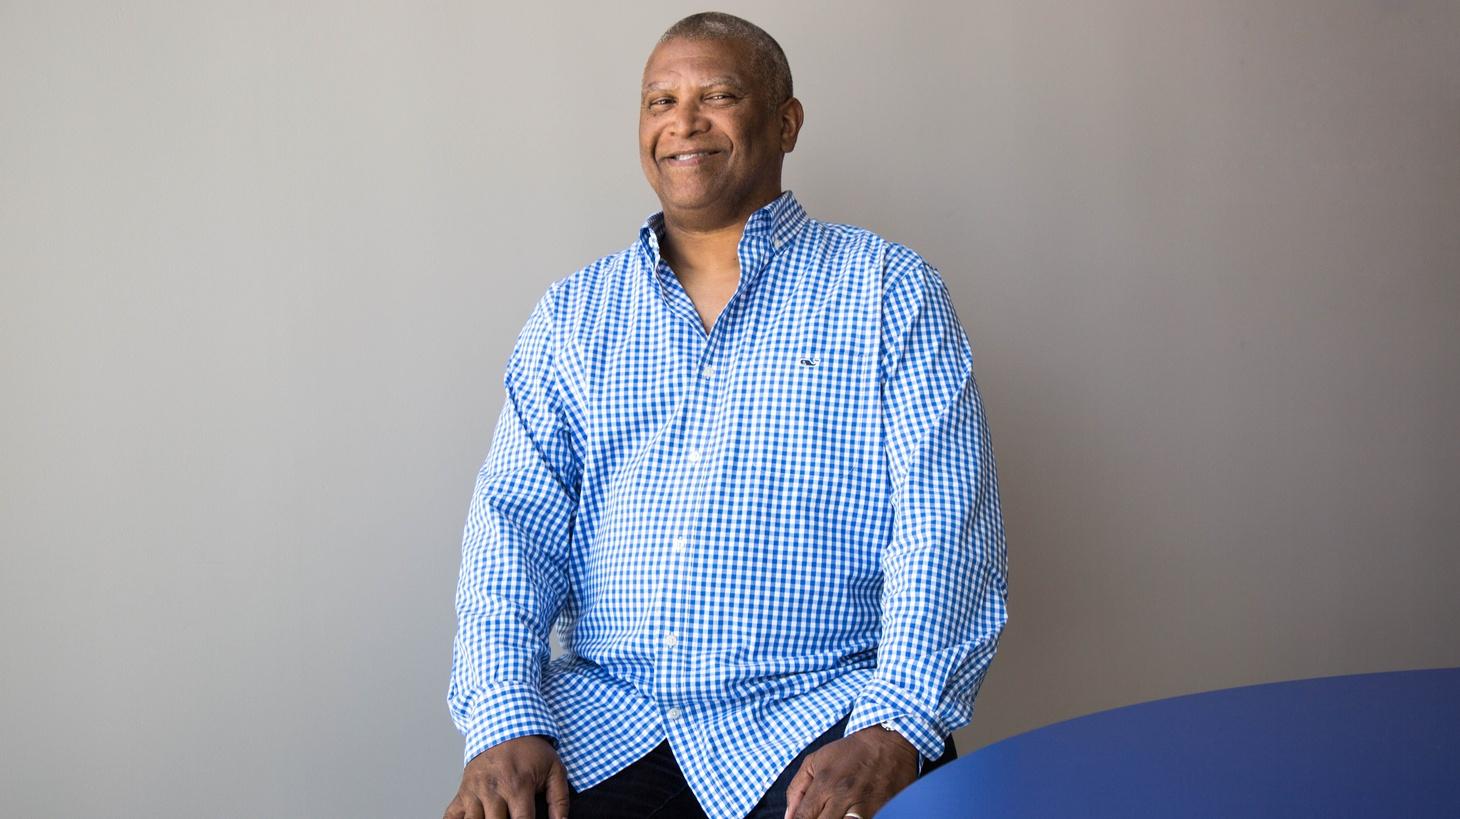 Reginald Huldin at KCRW